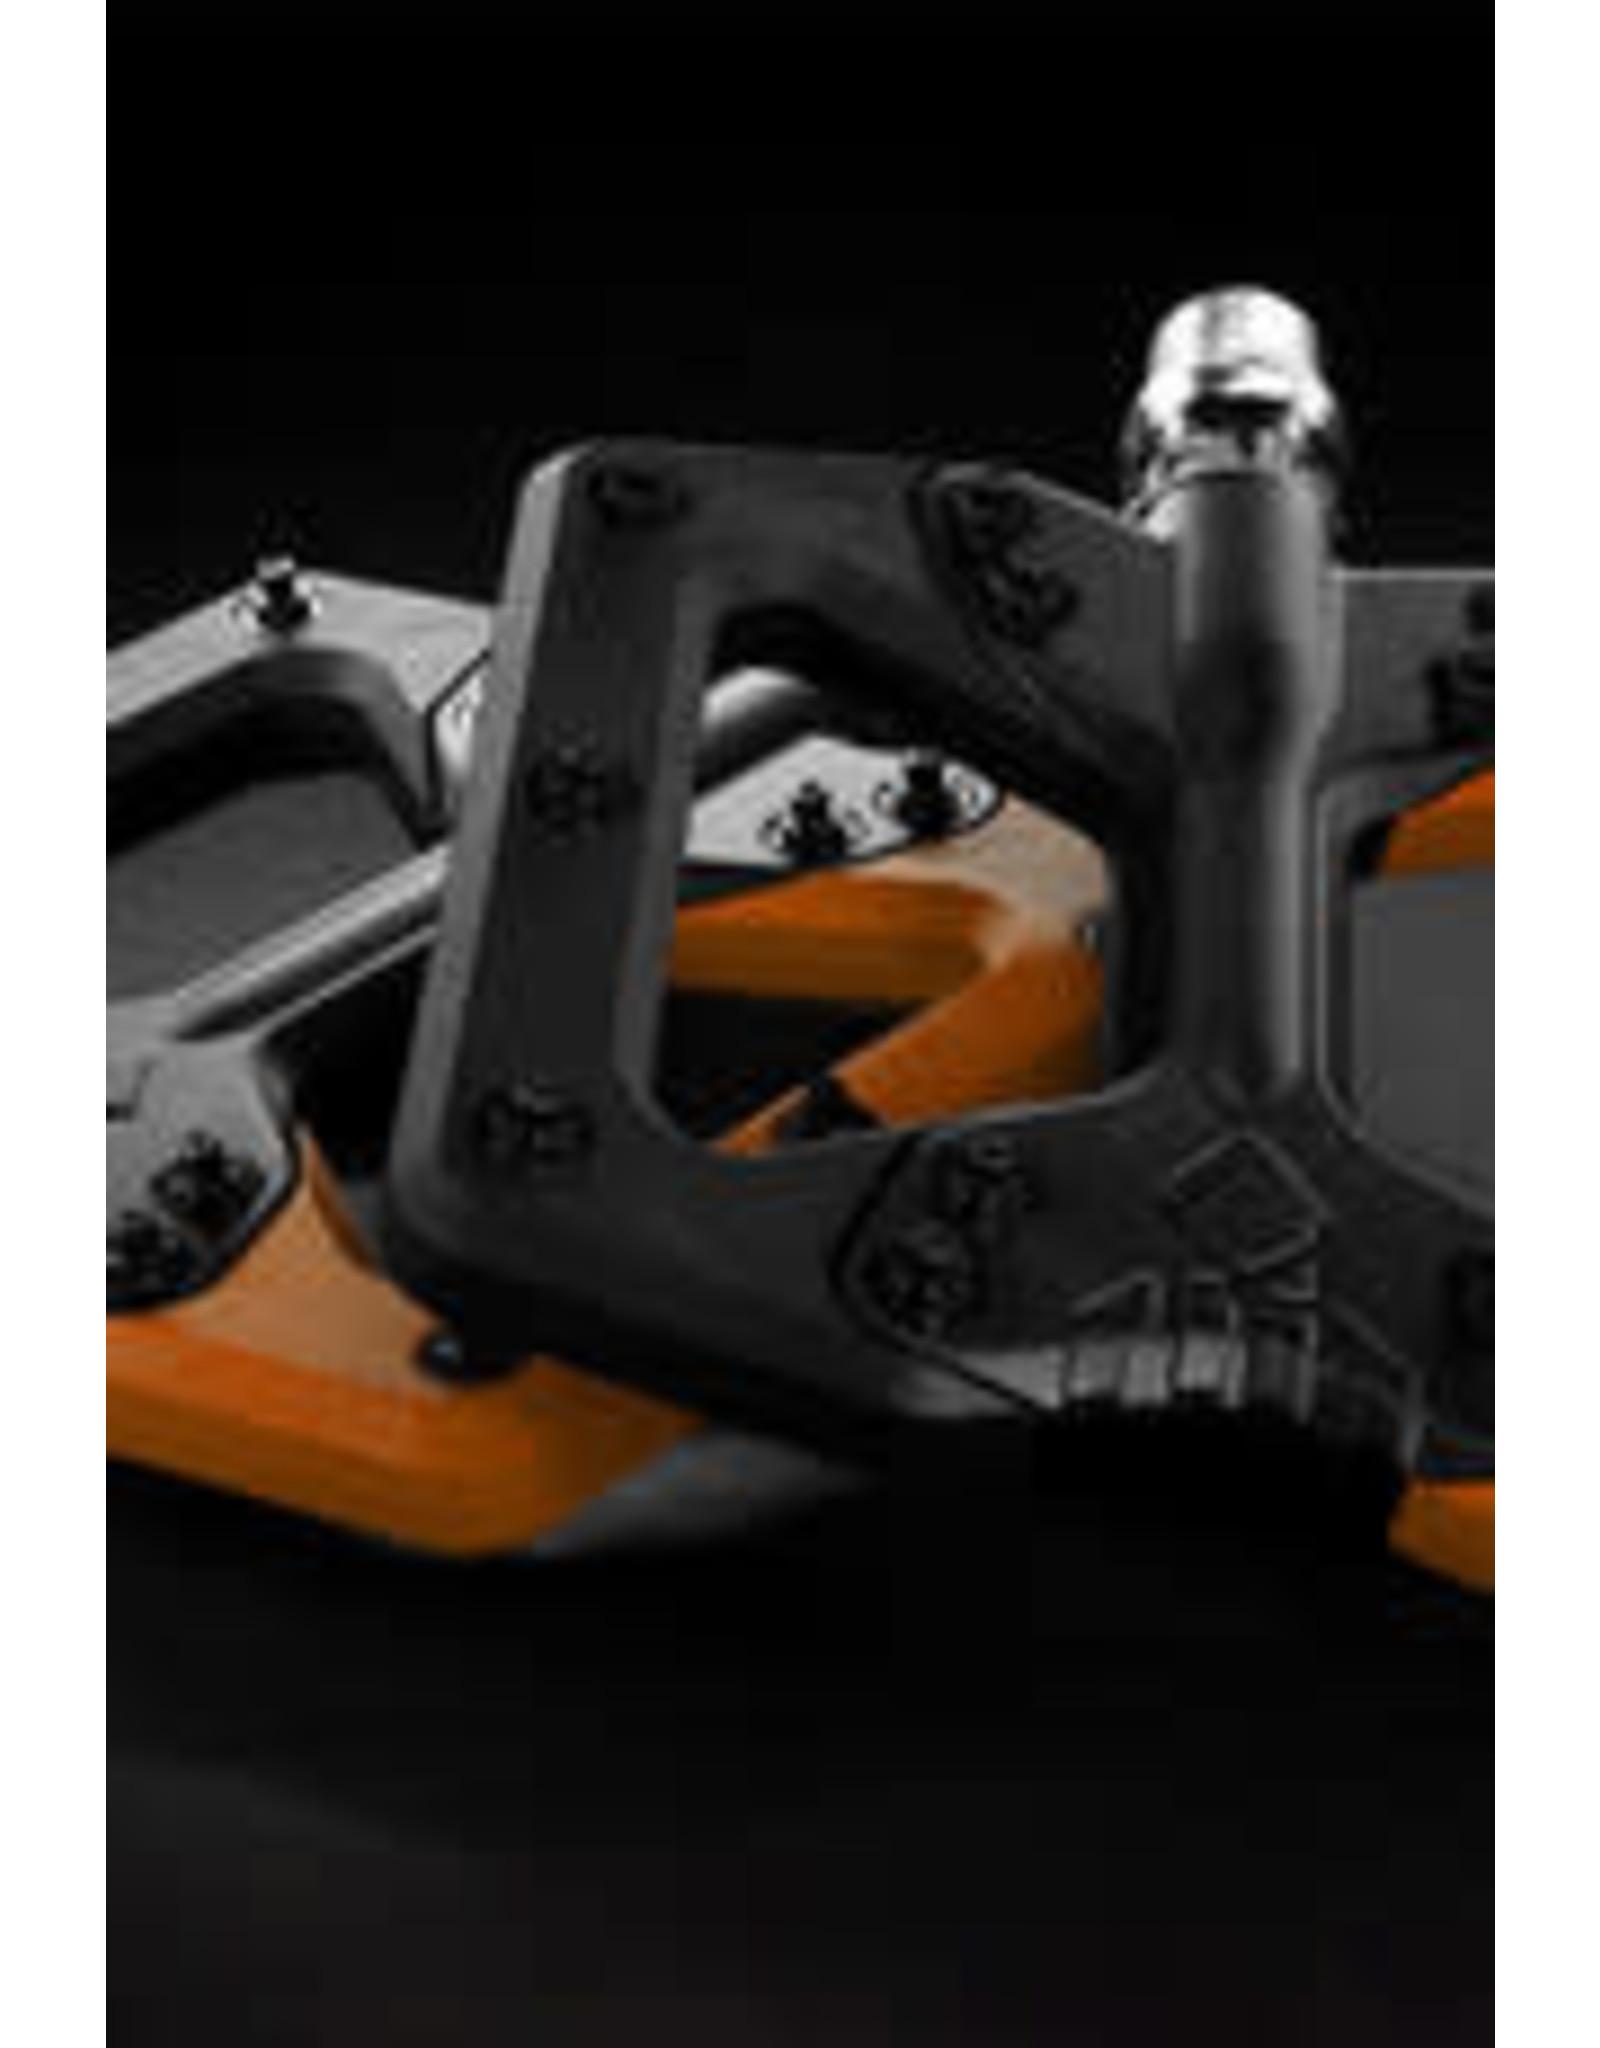 Squidworx pedals  black/orange